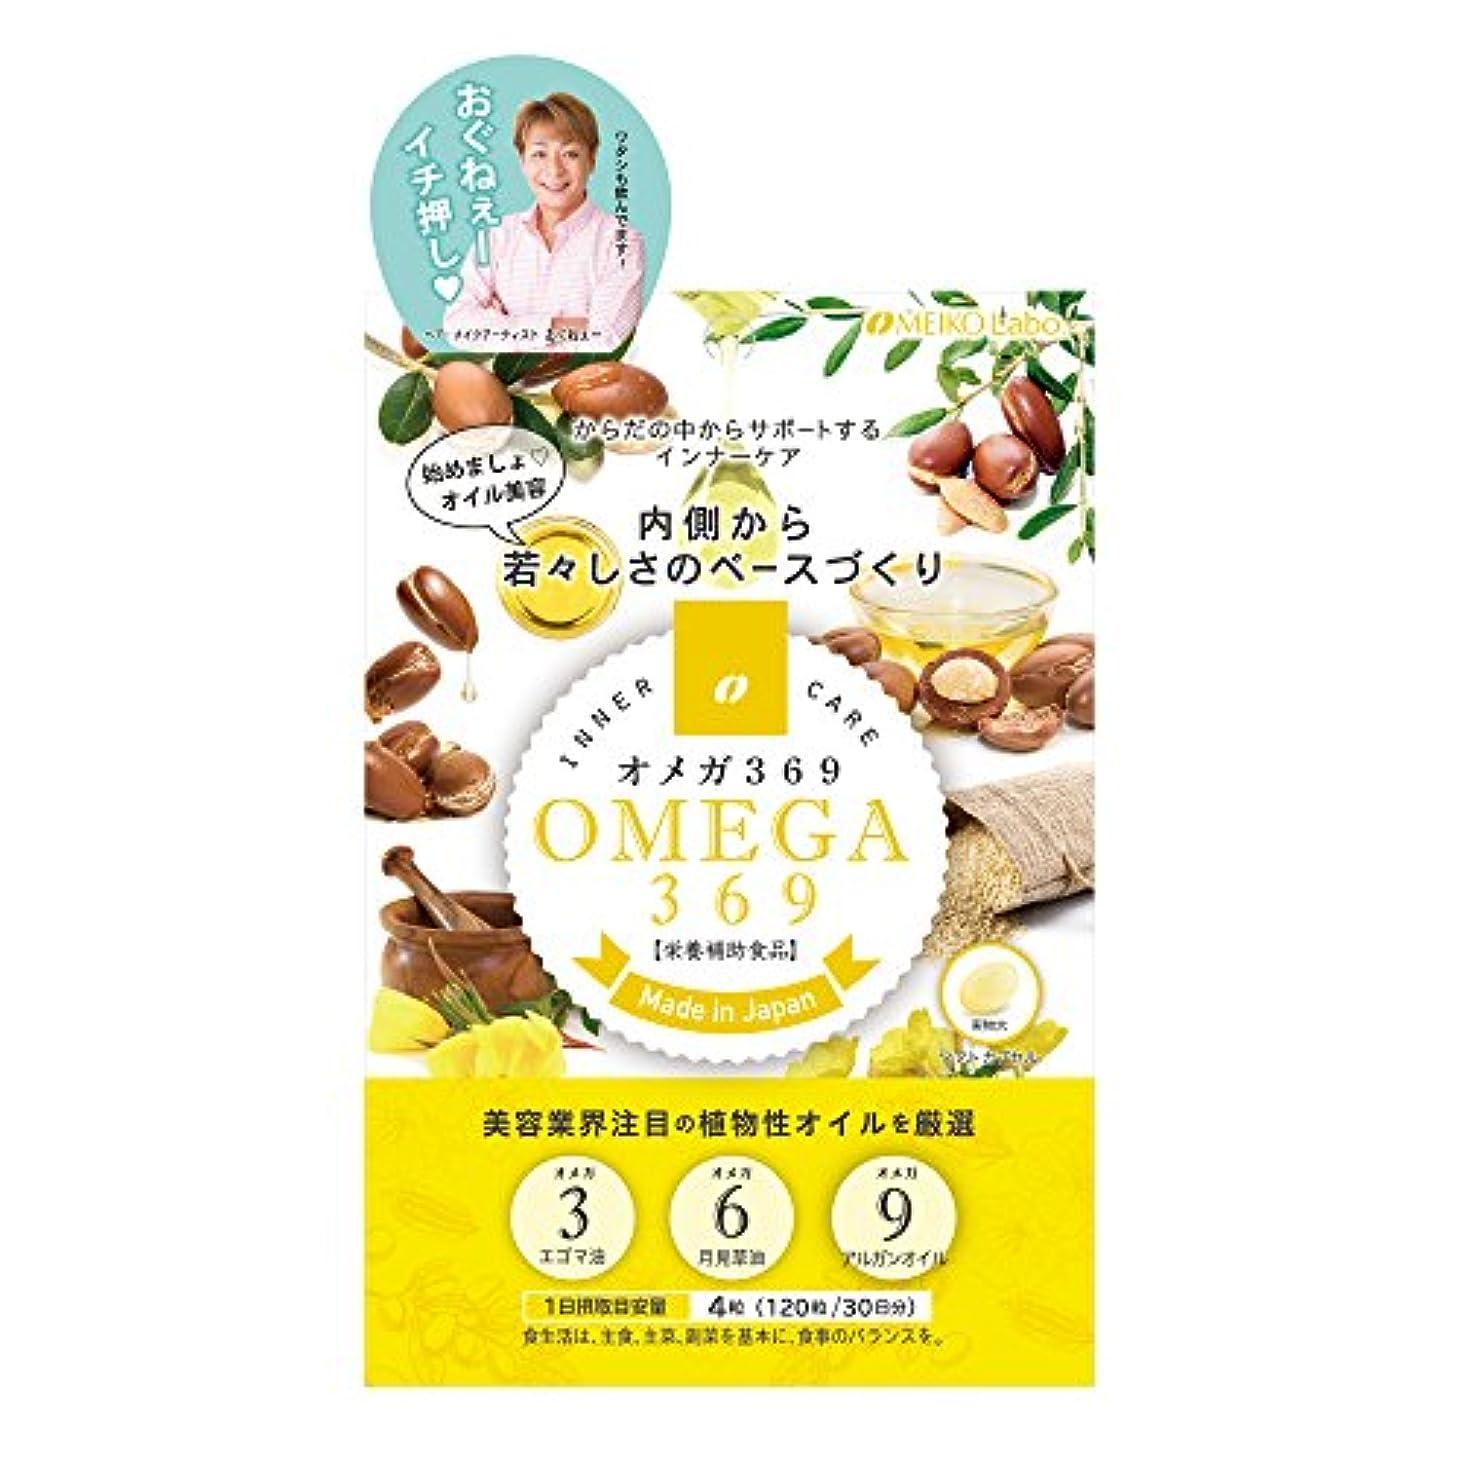 平らにする甘やかす矩形オメガ3 6 9 30日分 120粒 サプリメント ( 栄養補助食品 日本製 ) 【 メイコーラボ 】